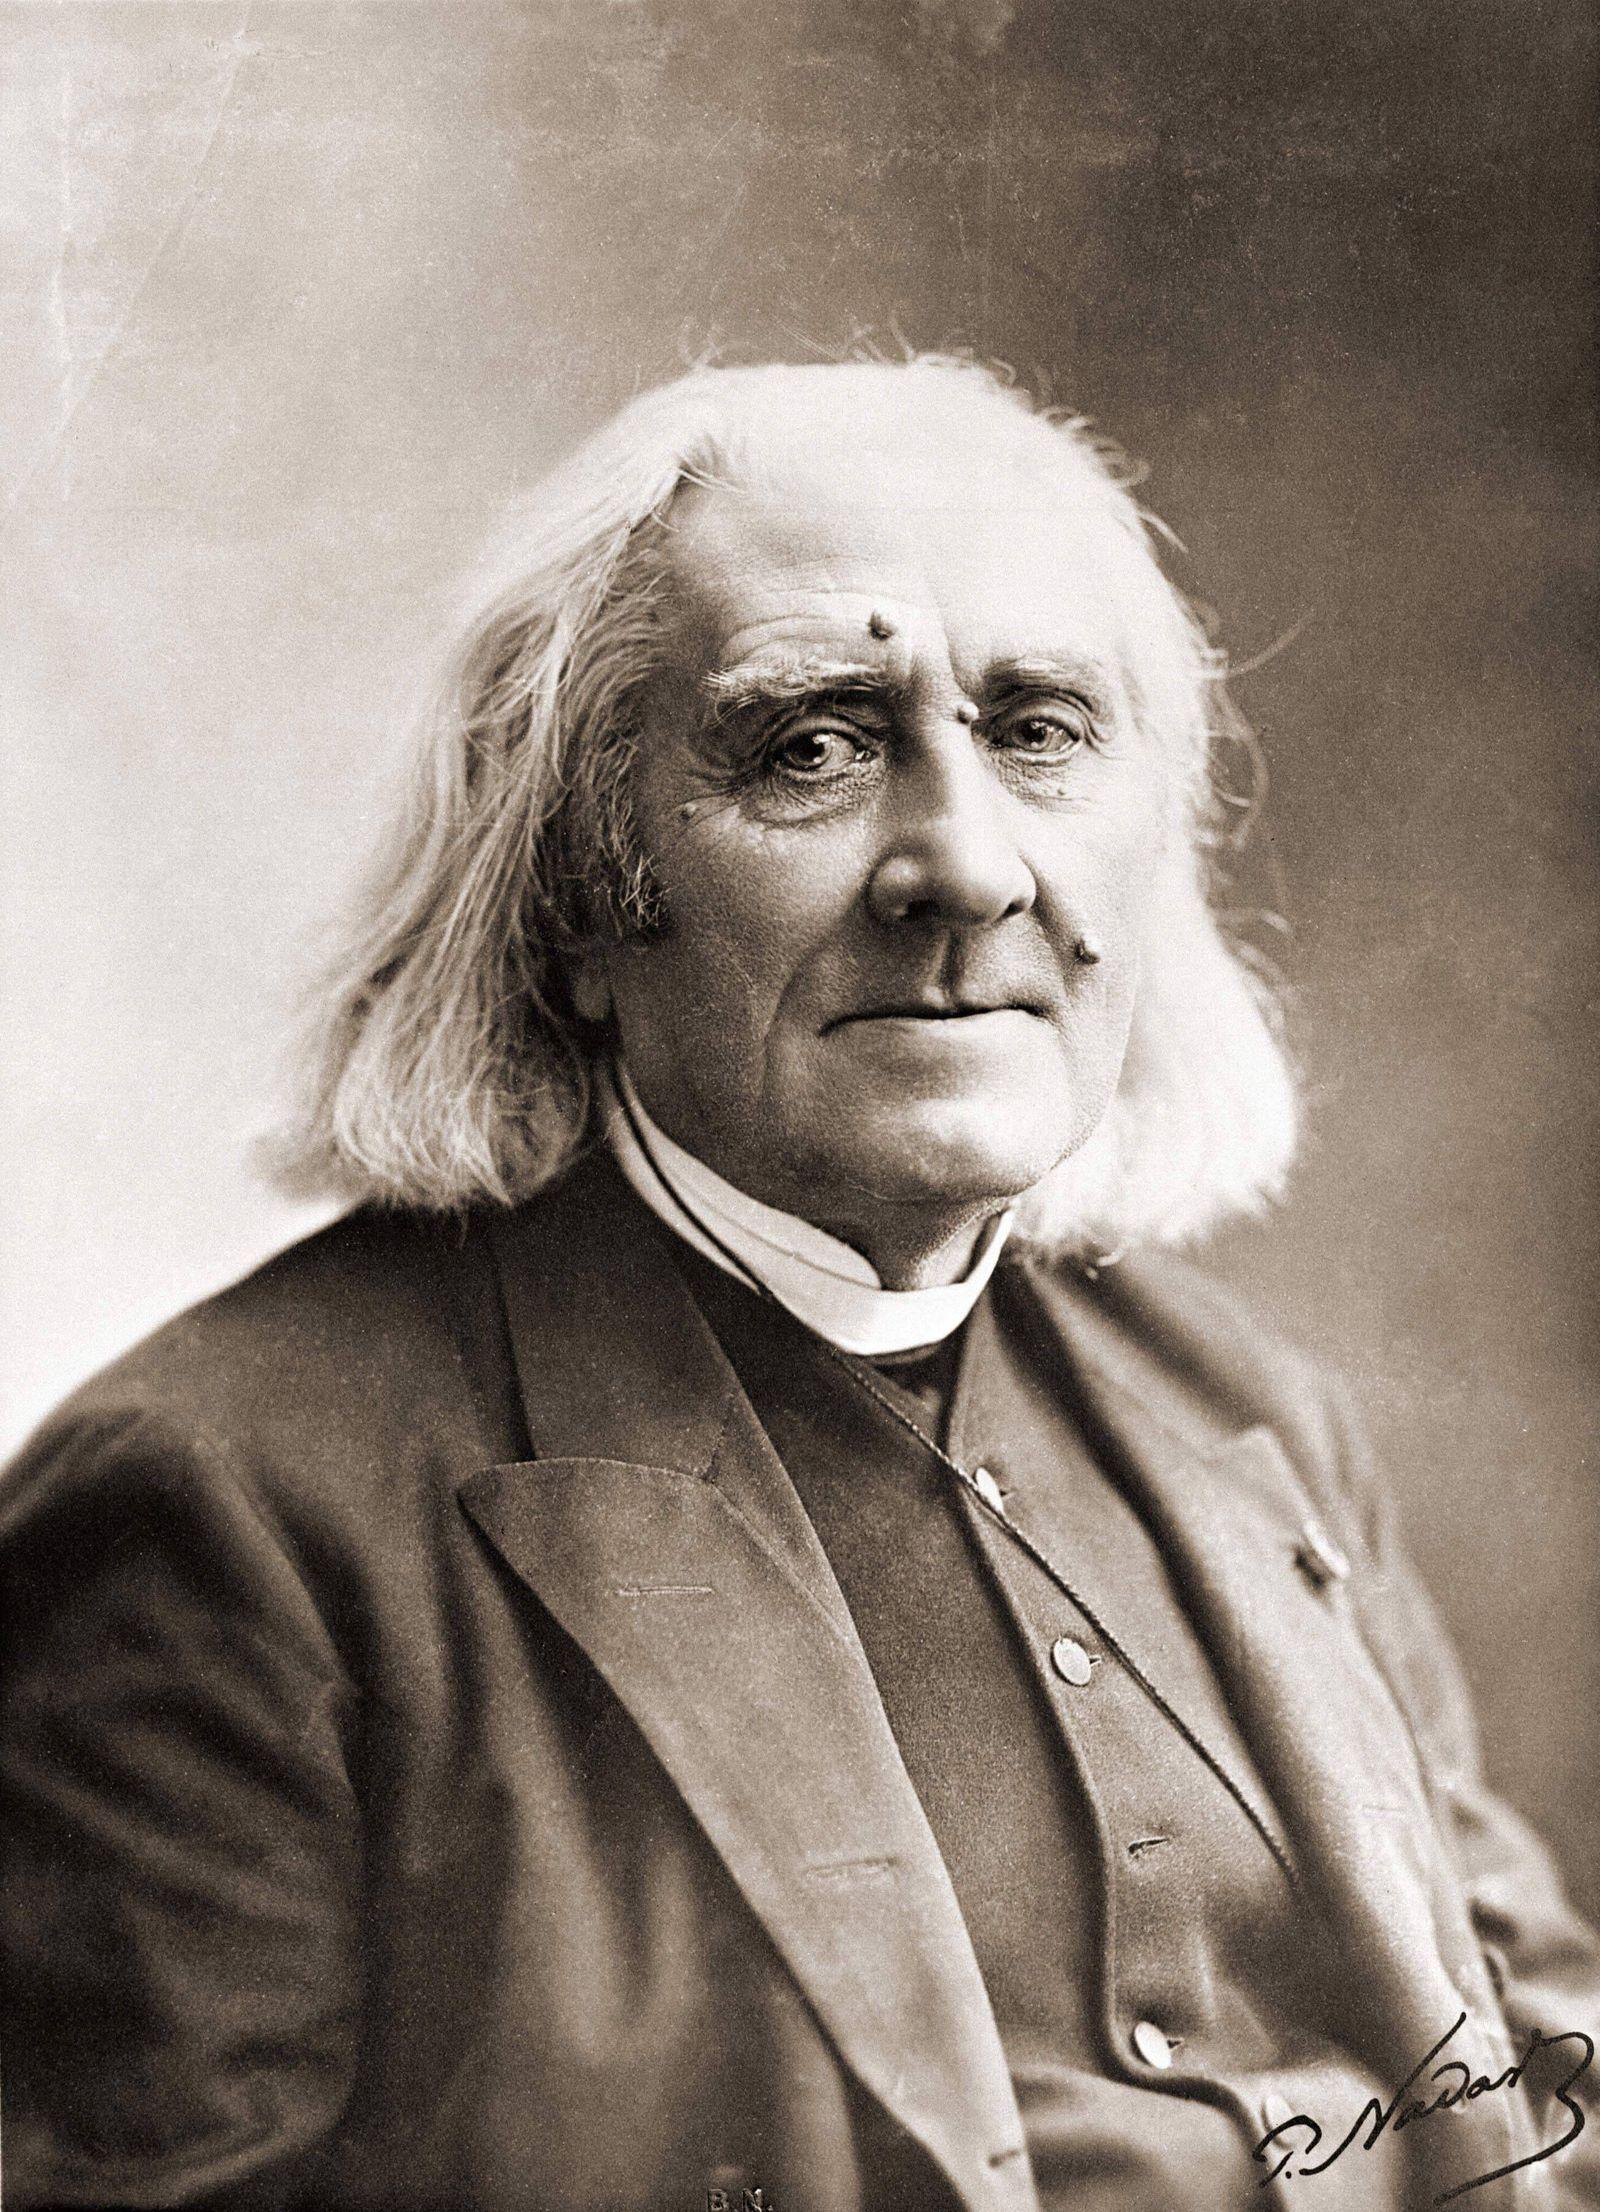 Portrait de Franz Liszt par Nadar Photographie du 19ème siècle AUFNAHMEDATUM GESCHÄTZT PUBLICATI